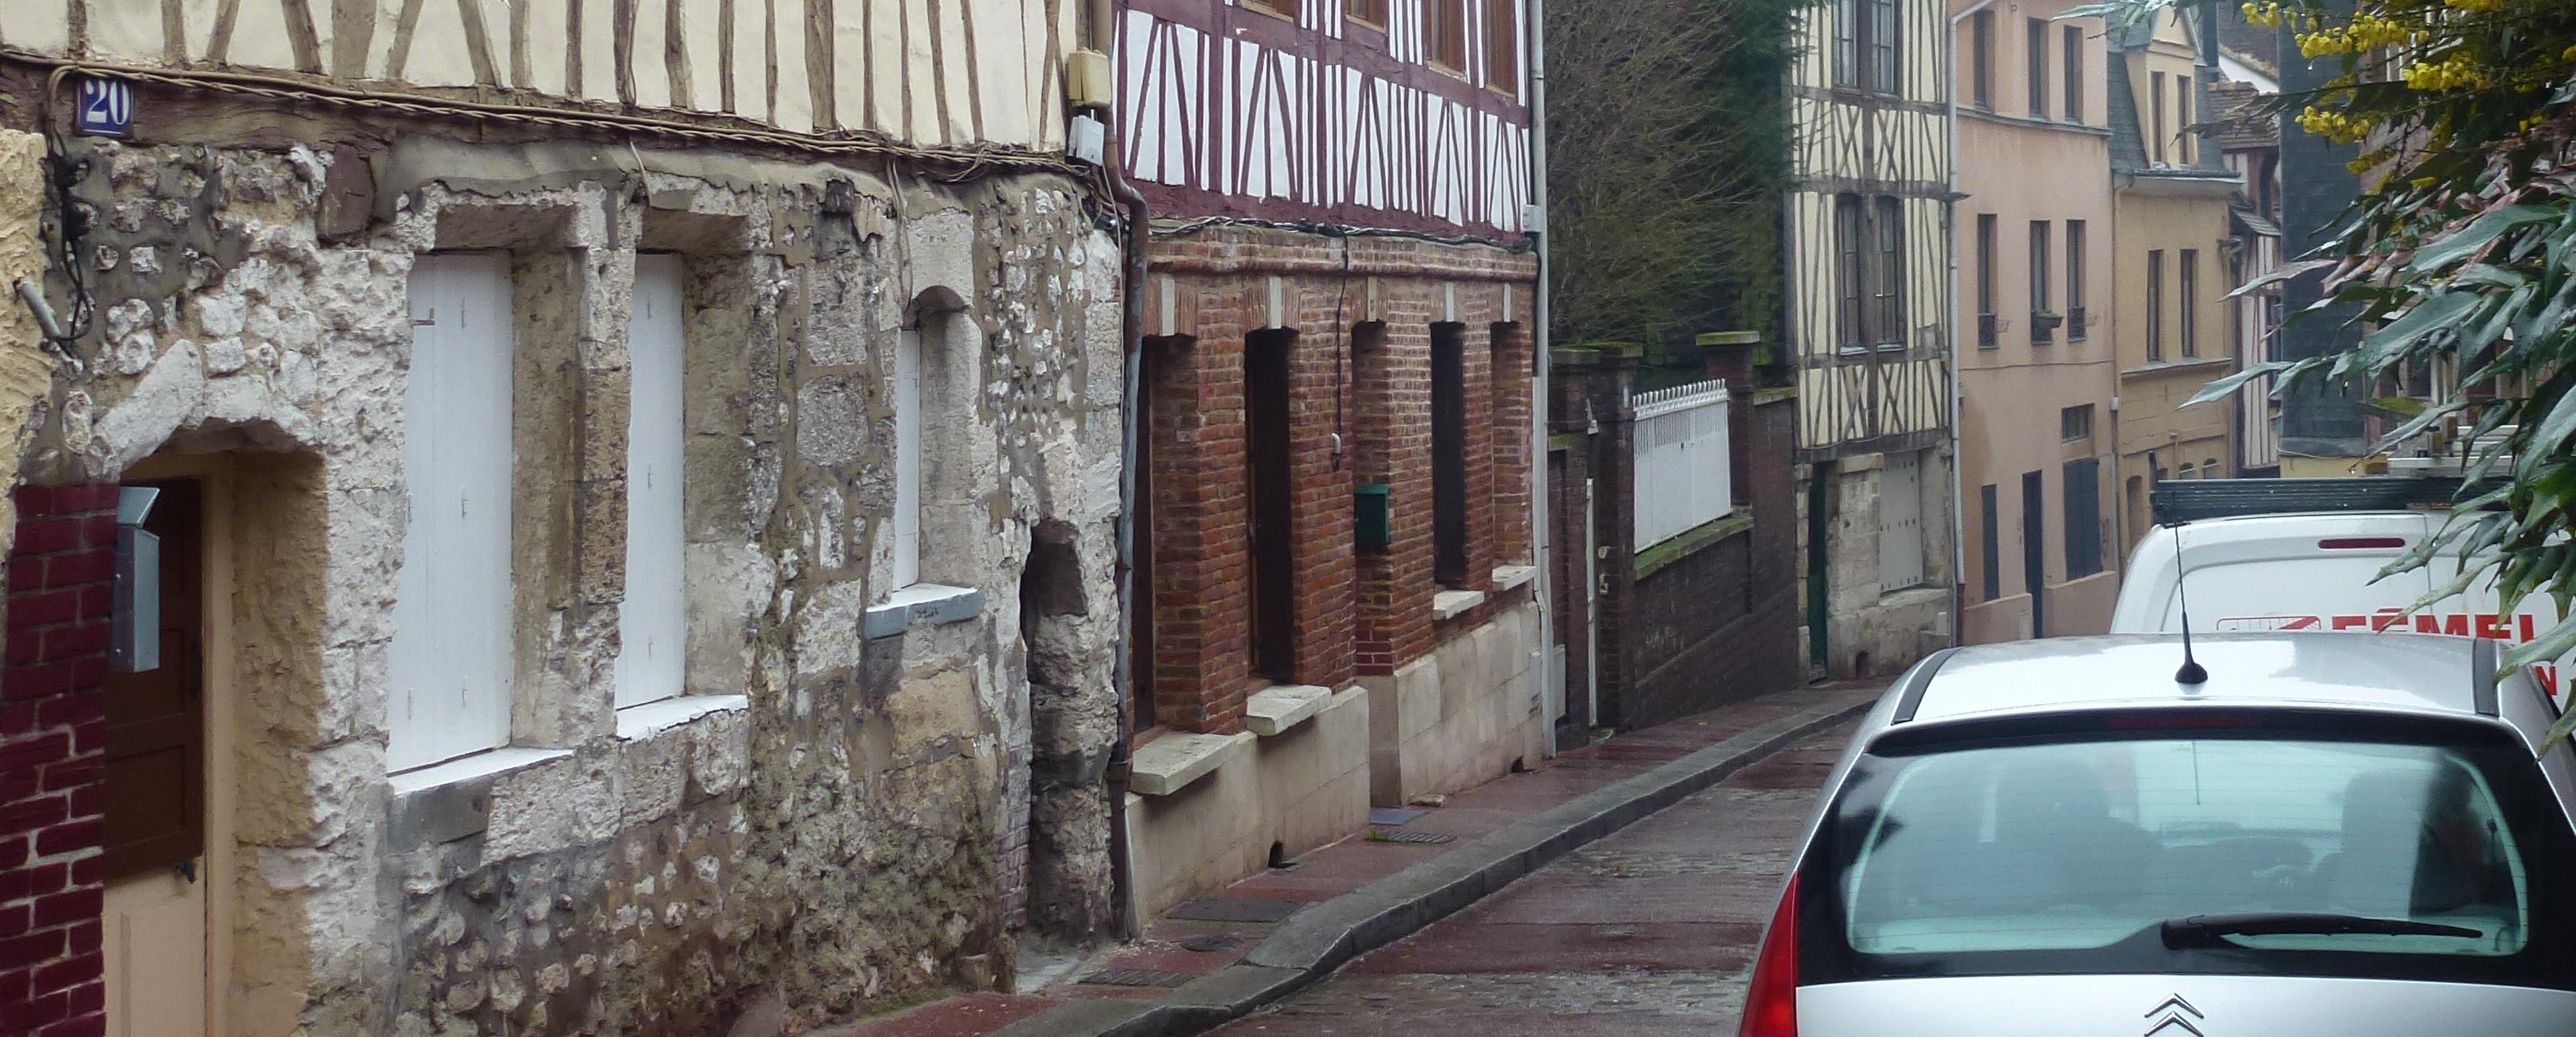 Rue des Deux-Anges aujourd'hui (1 fourgon)